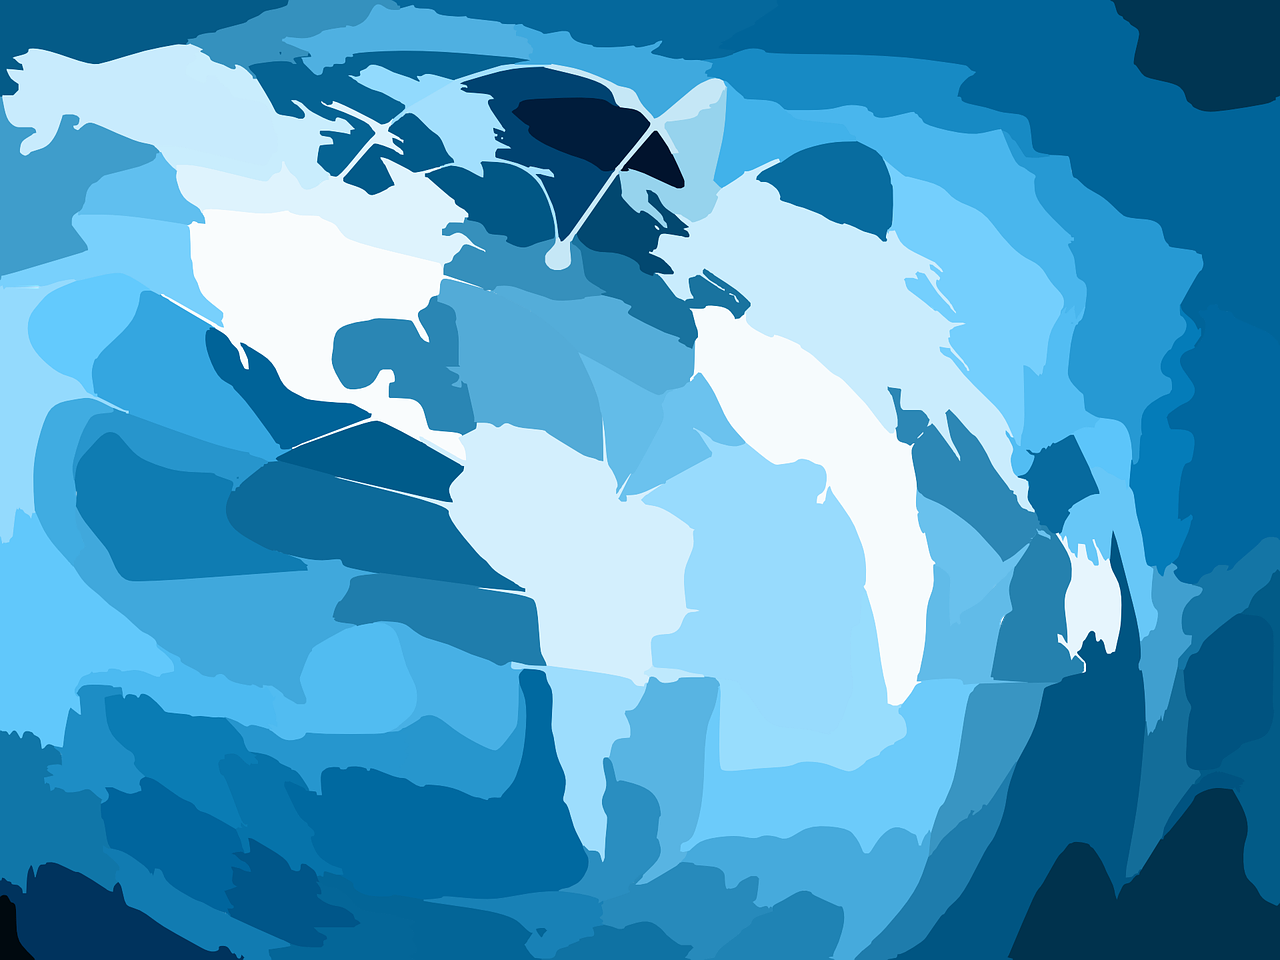 Podatkowe info: Trzy kraje o najwyższych podatkach PIT